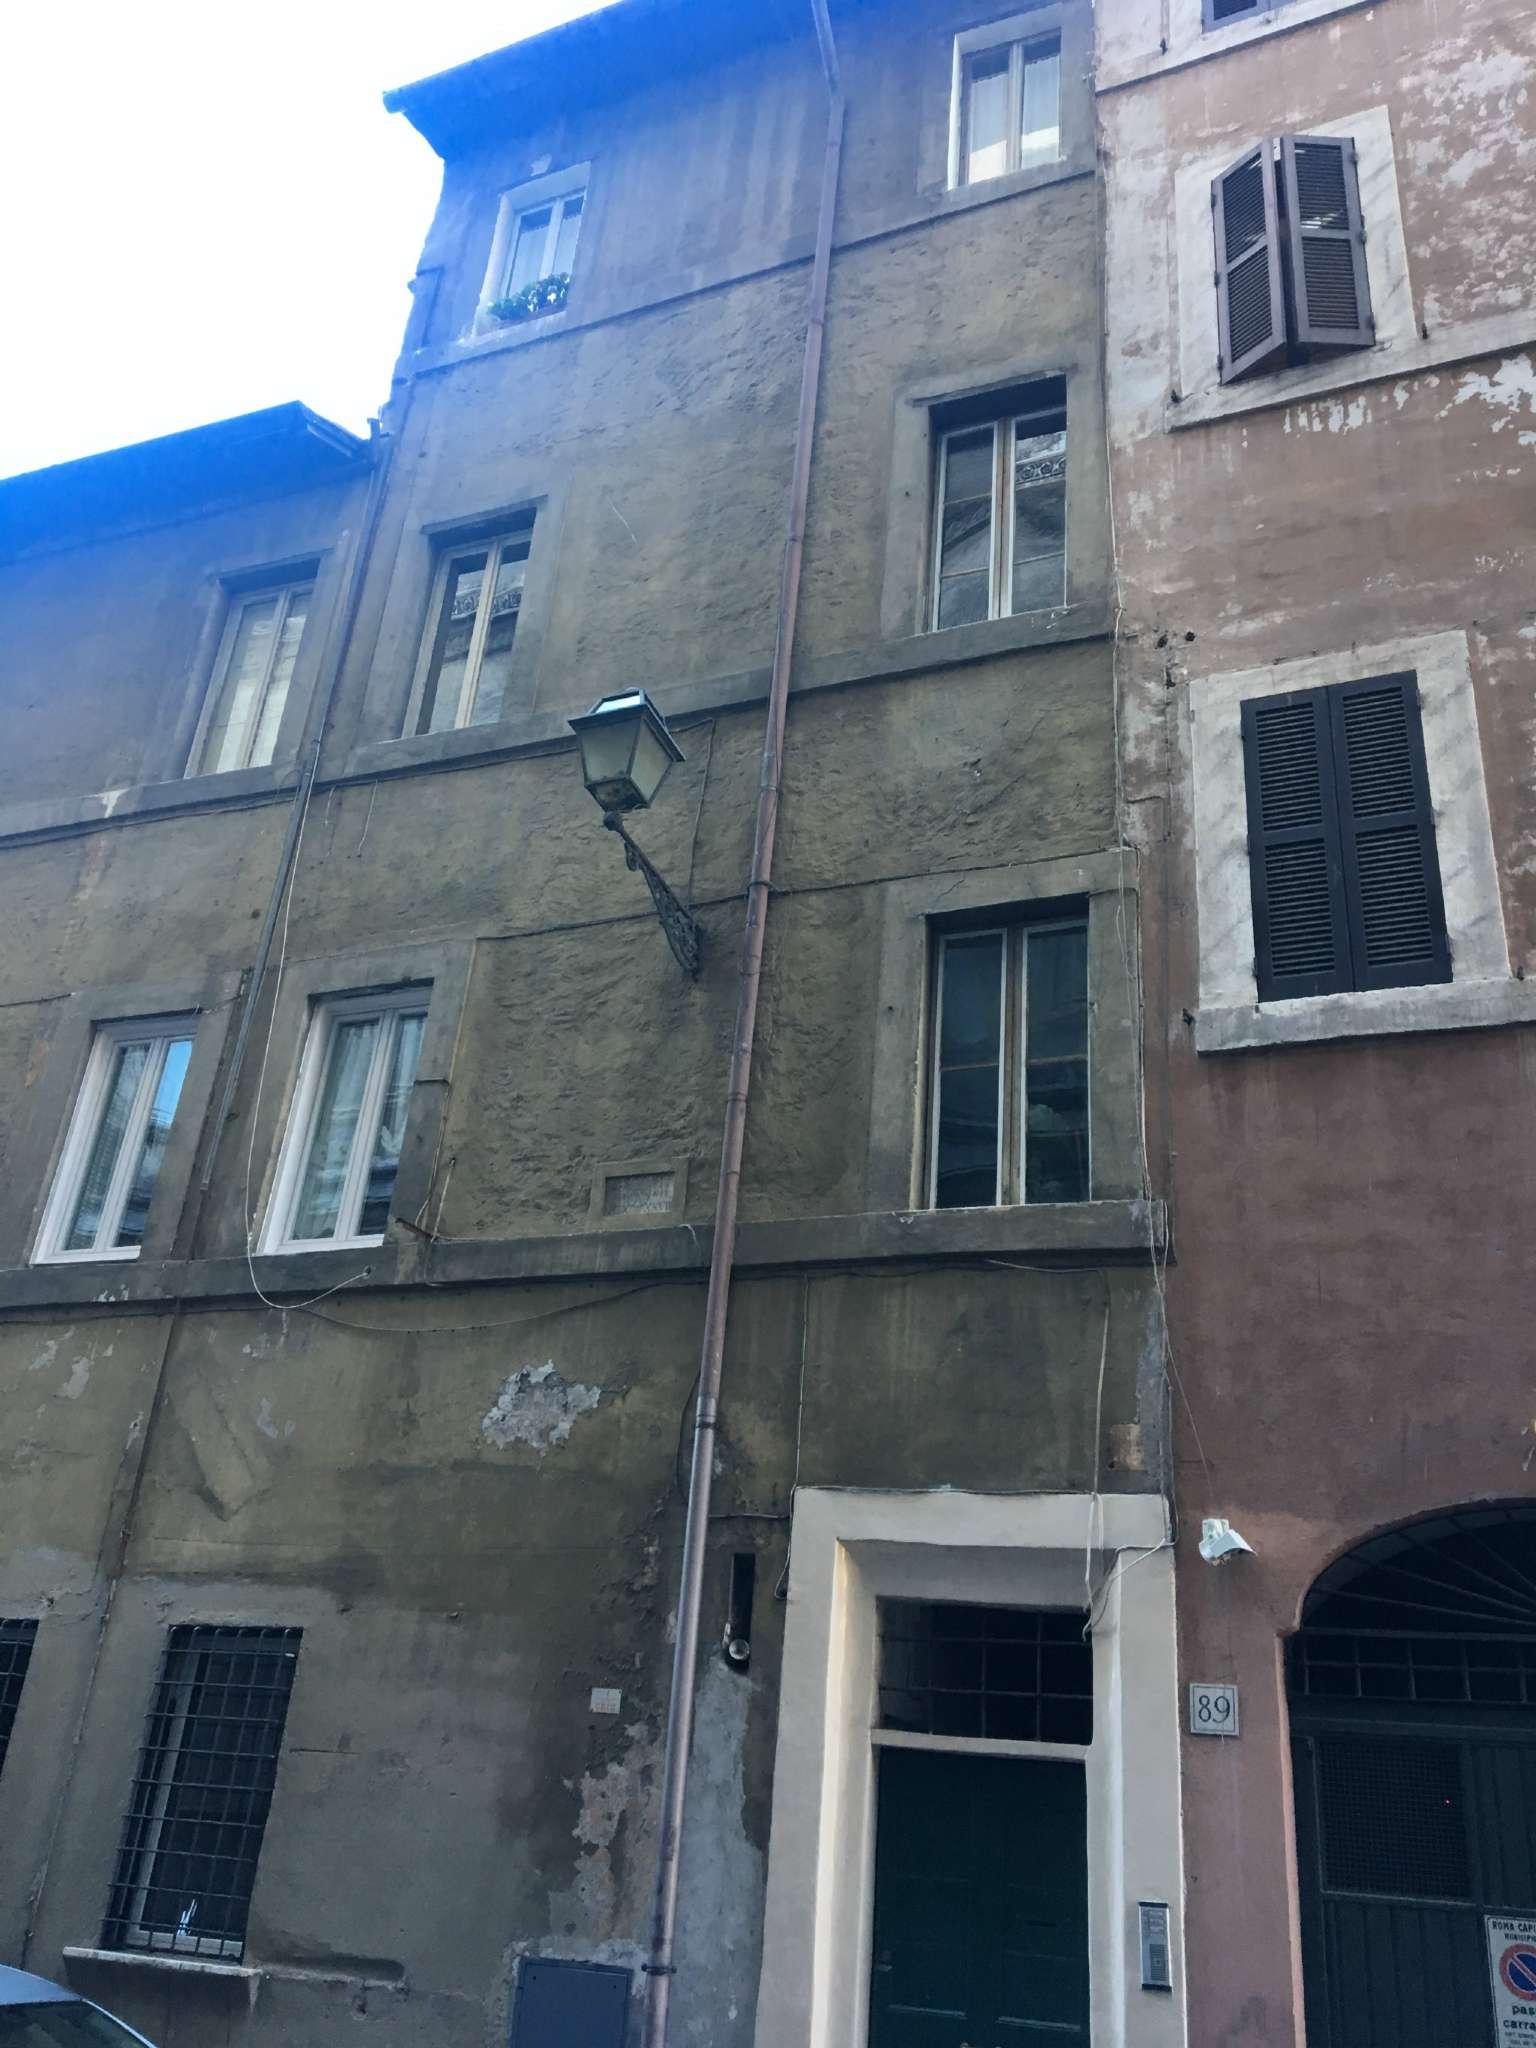 quadrilocale roma vendita € 1.350.000 zona 1 . centro storico 125 mq